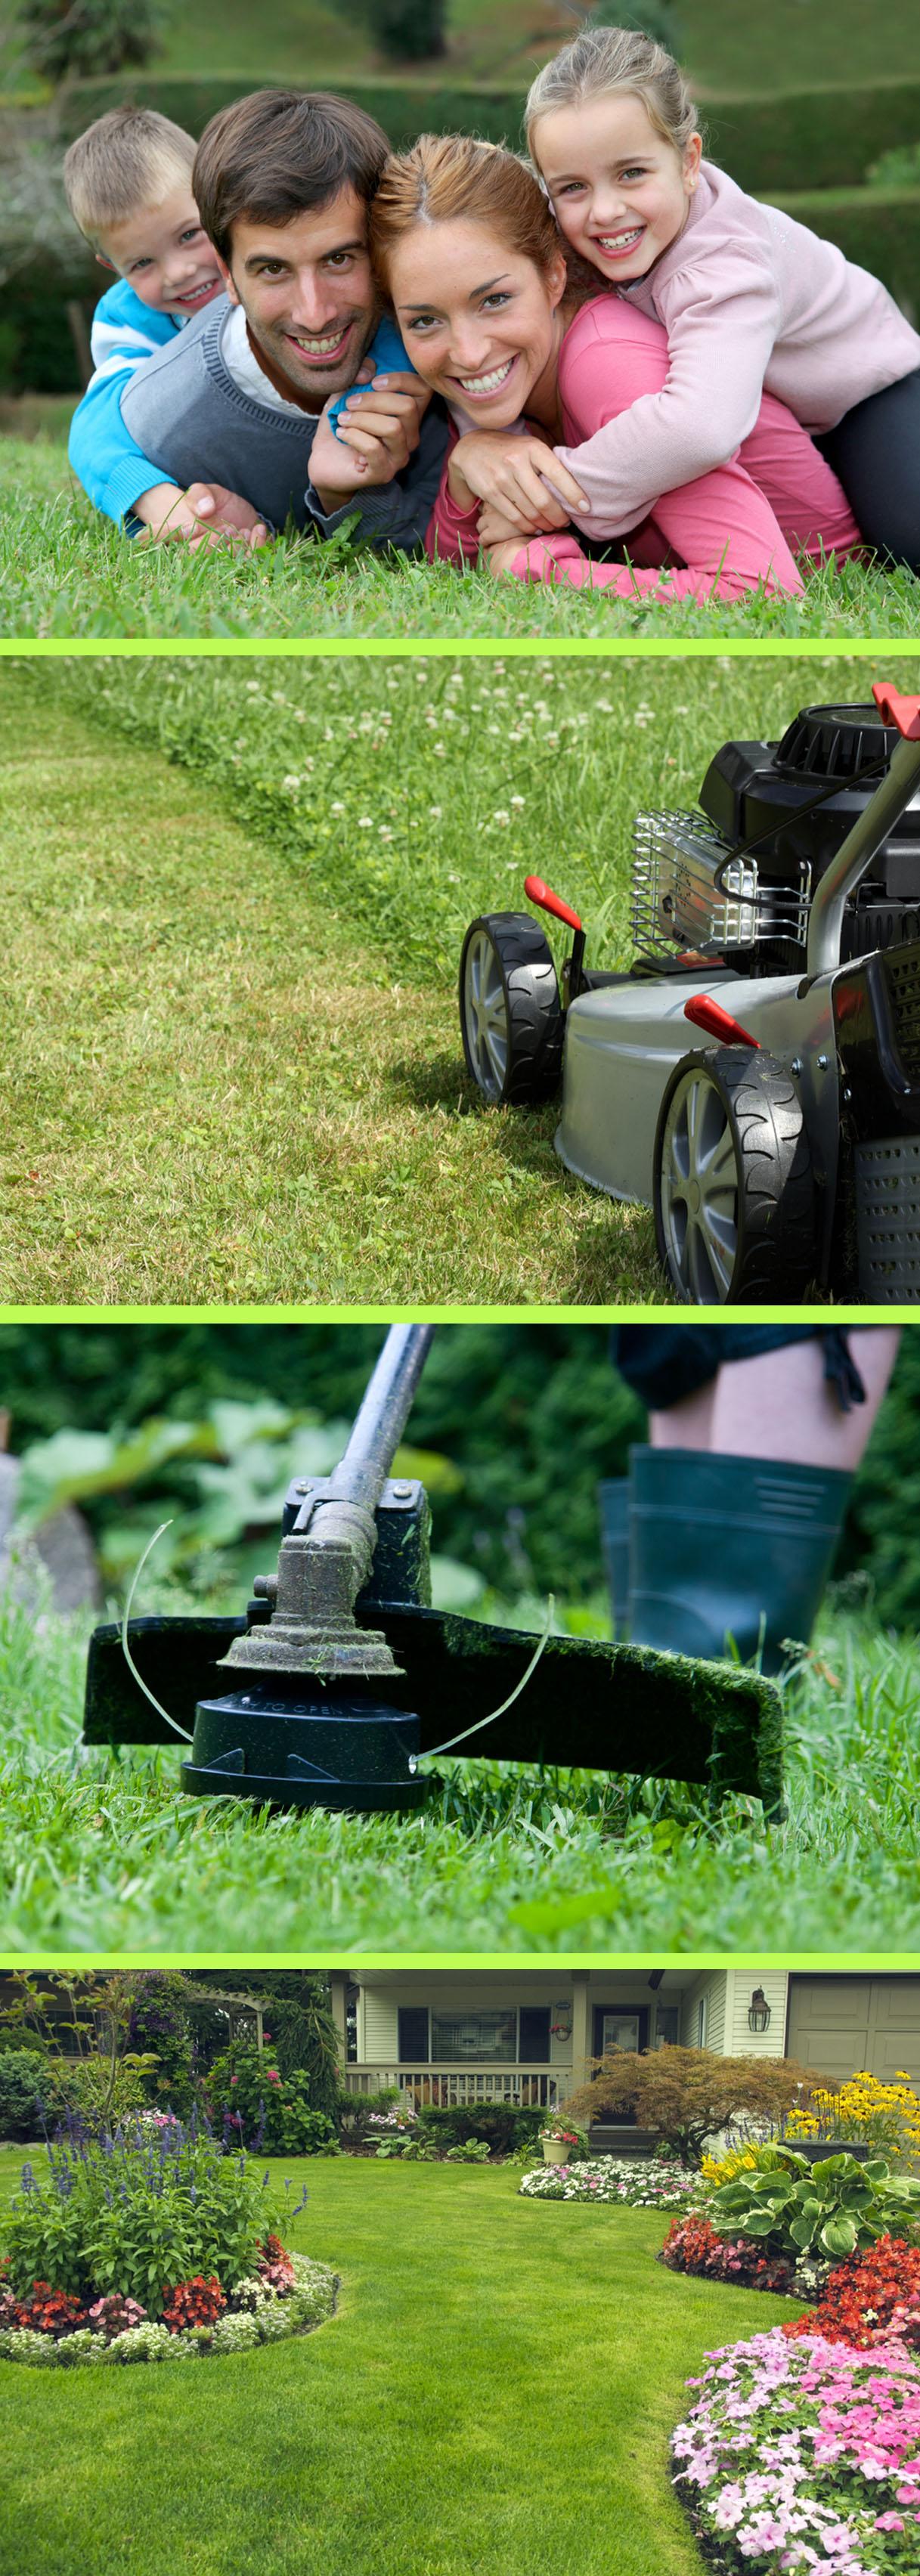 Horticraft Lawn Garden Service